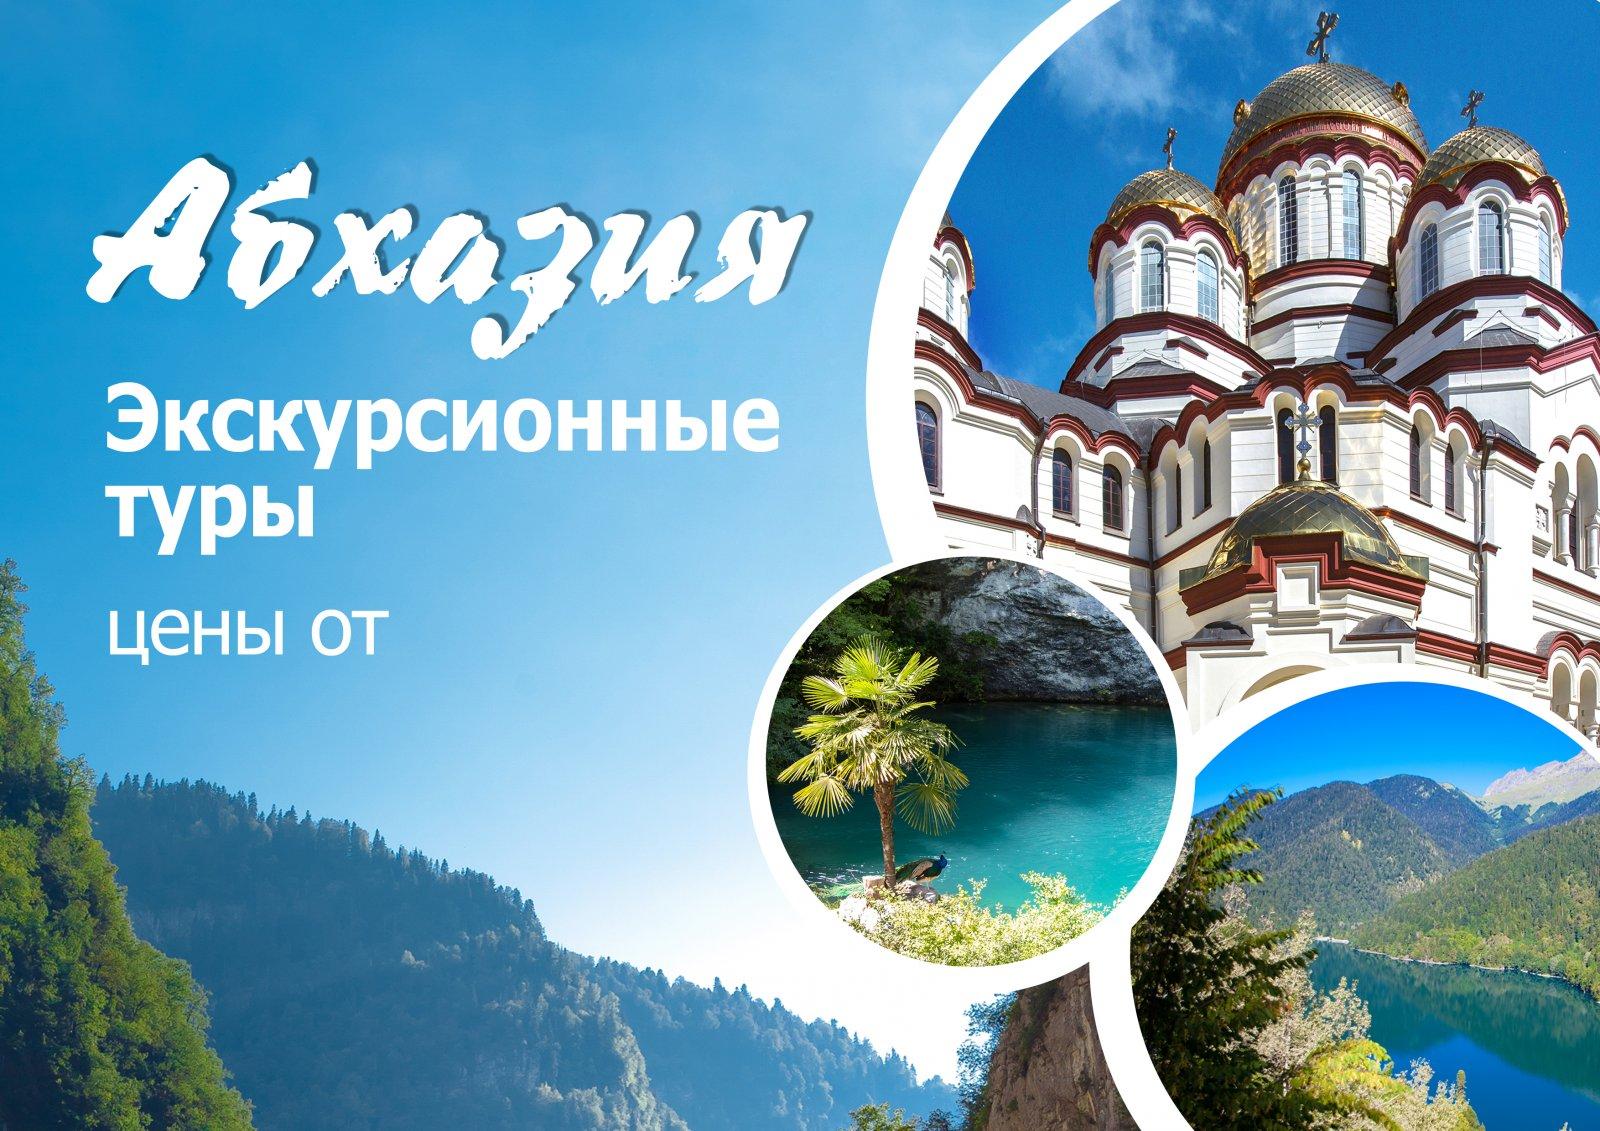 Тур по Абхазии, 3 дня и 2 ночи